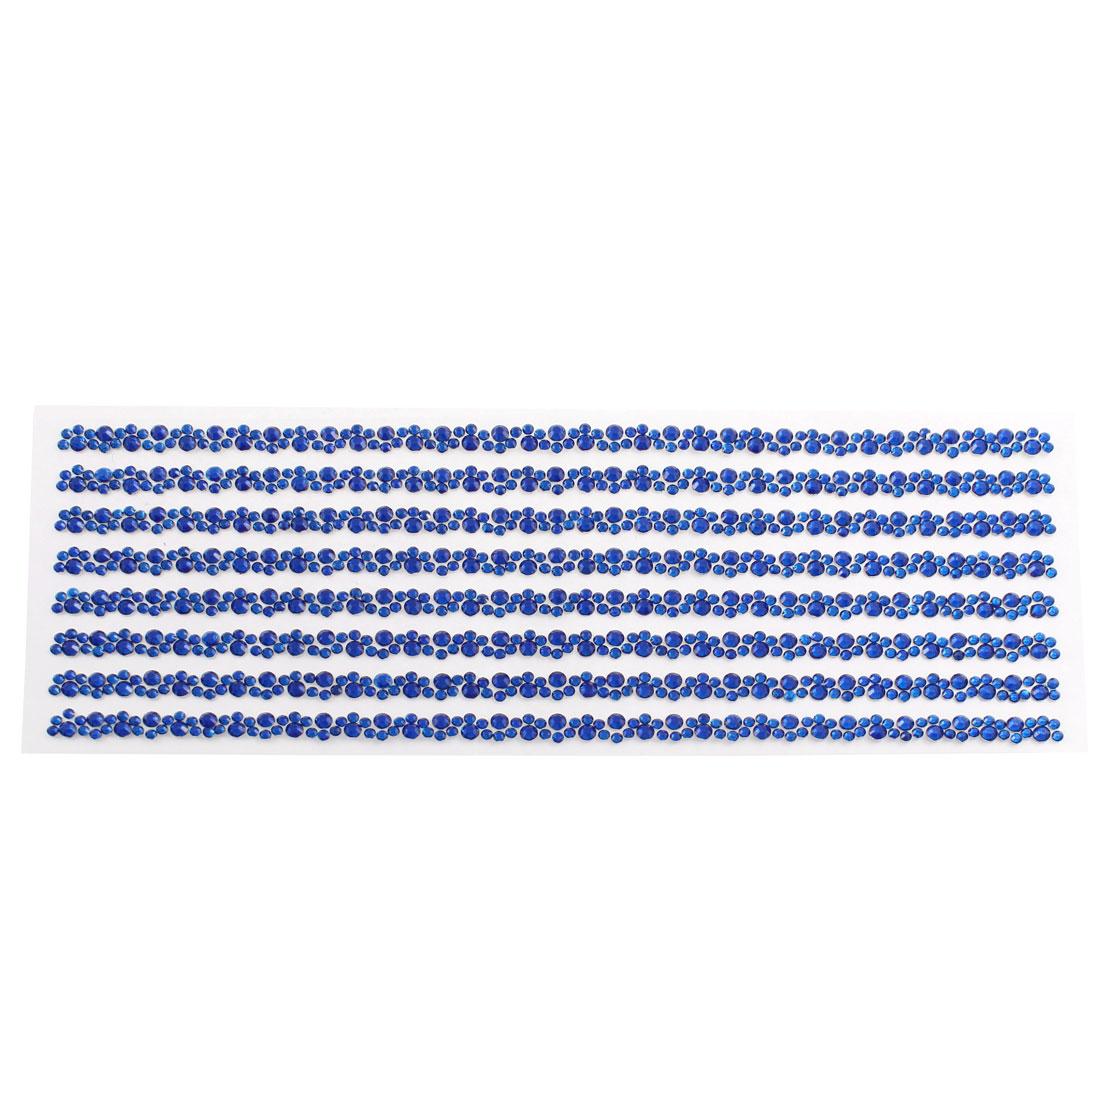 Blue Self Adhesive Crystal Rhinestone Car Decorating DIY Stickers 255mm x 90mm